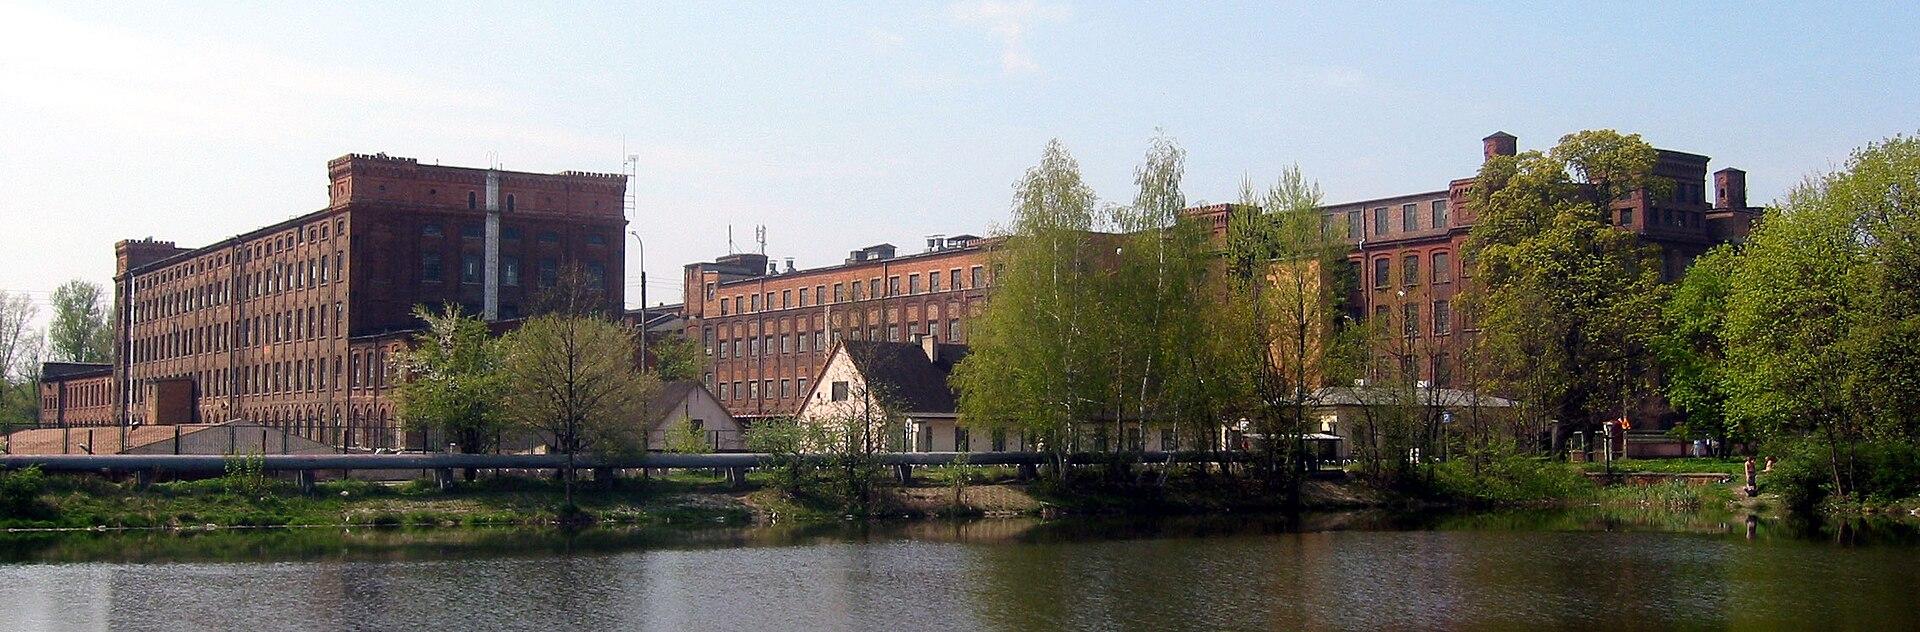 1920px-Grohman_Scheibler_factory.jpg